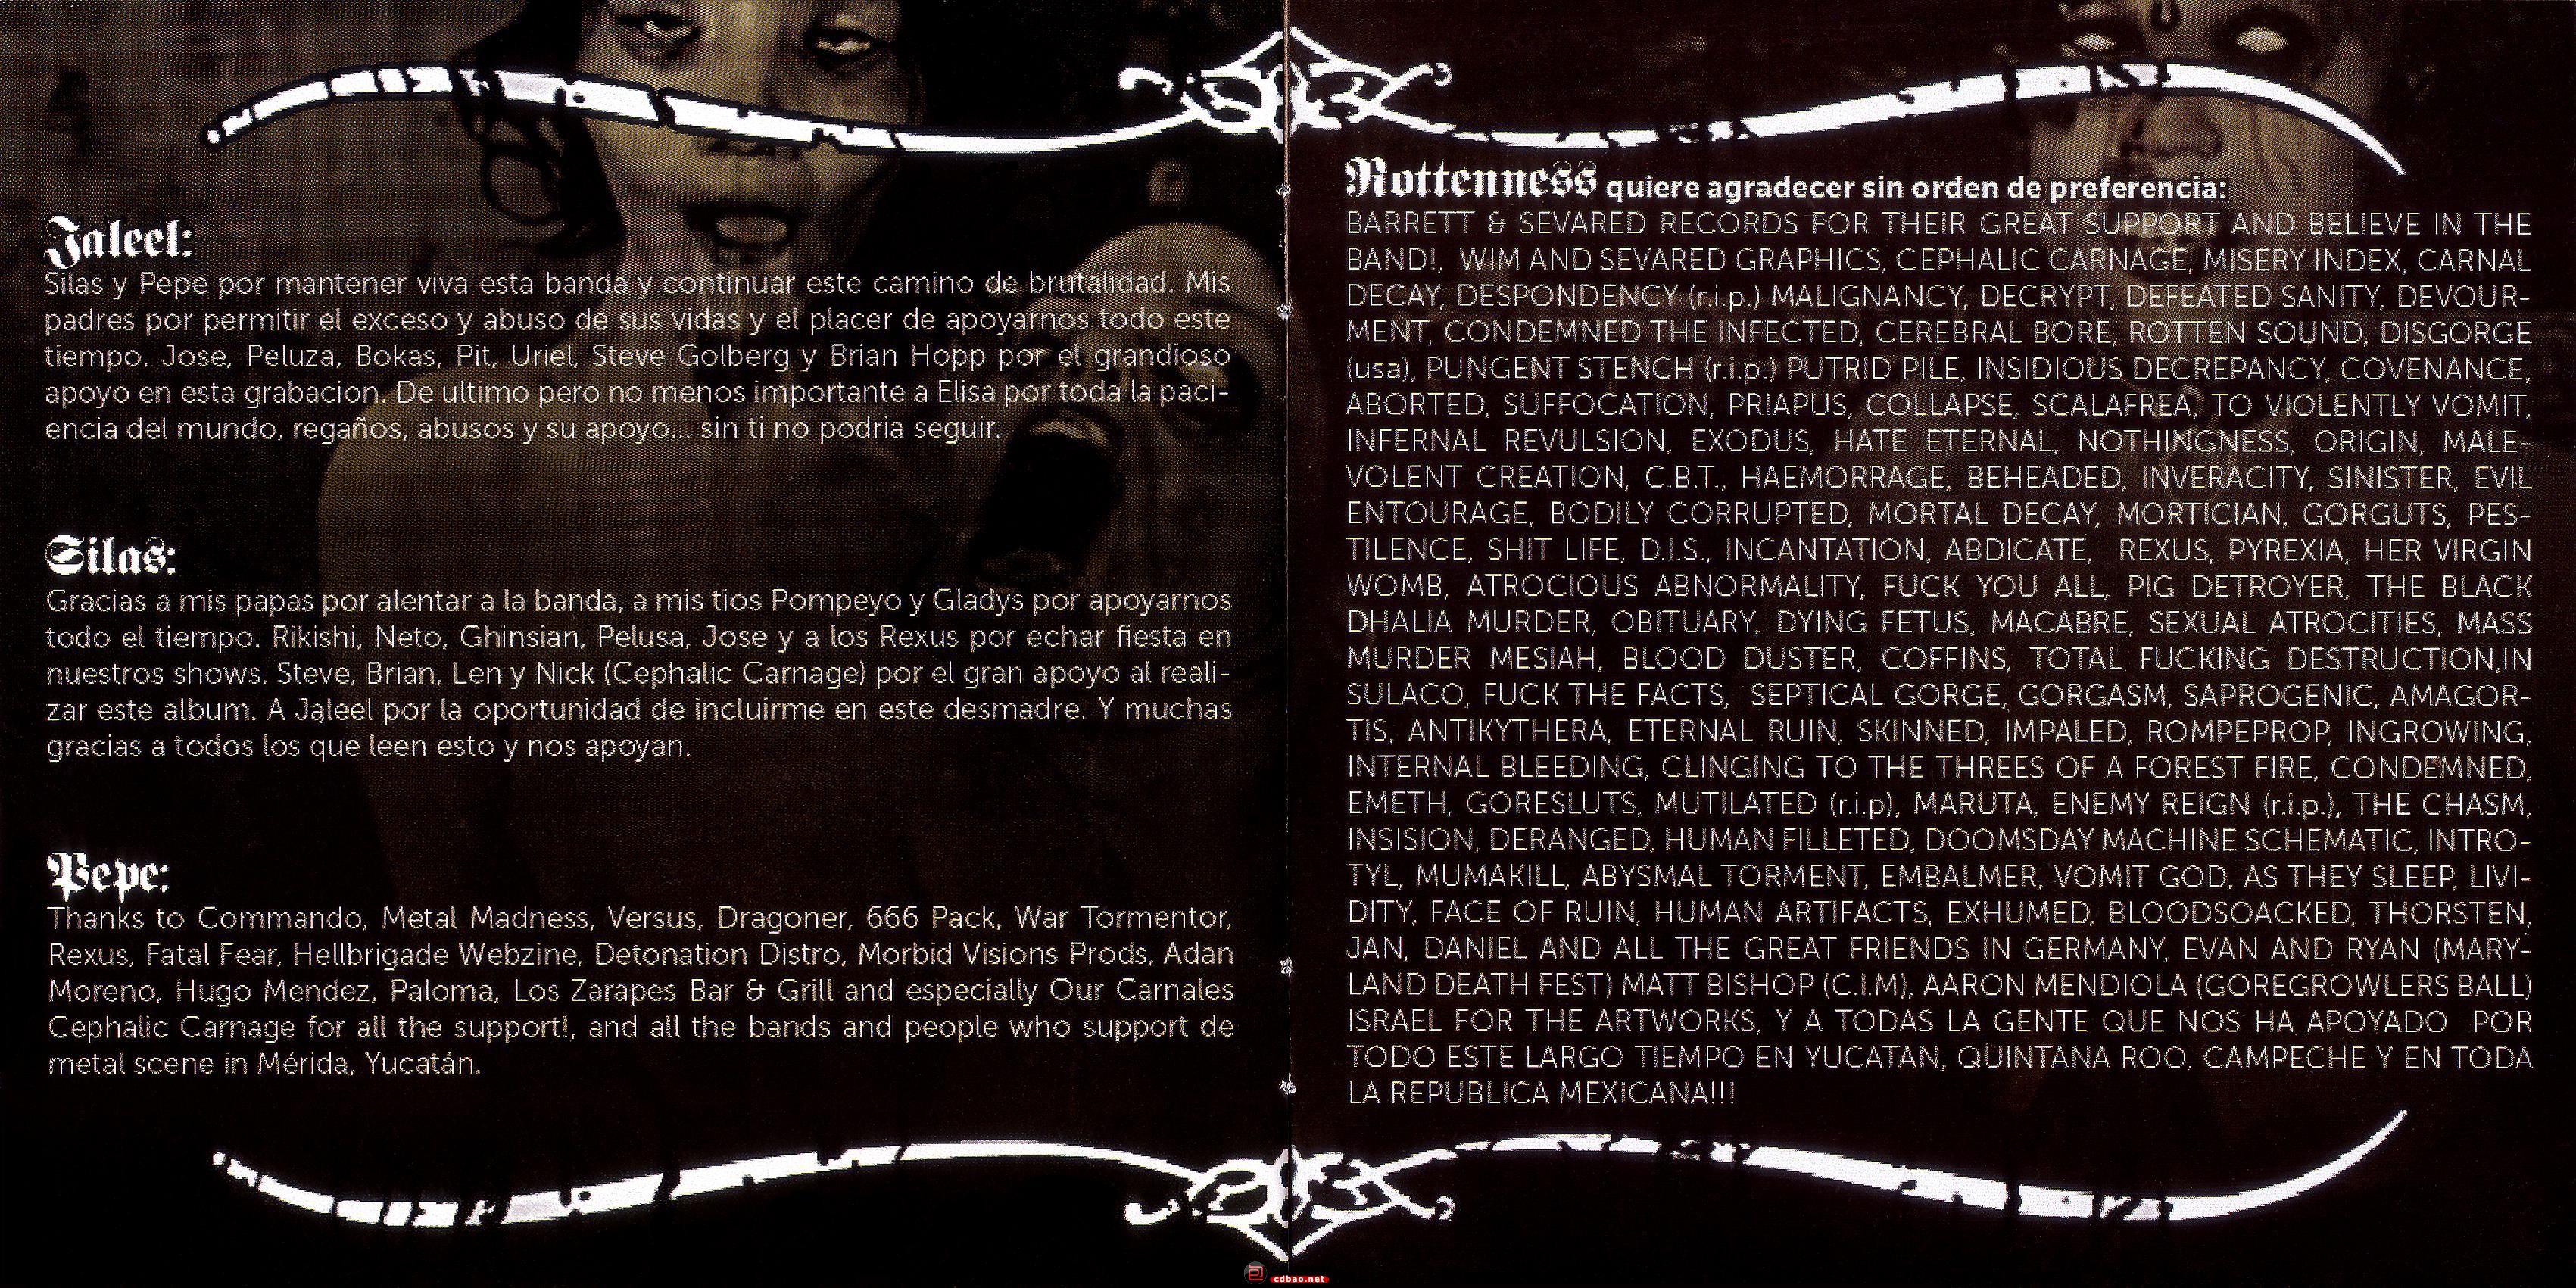 booklet05-06.jpg